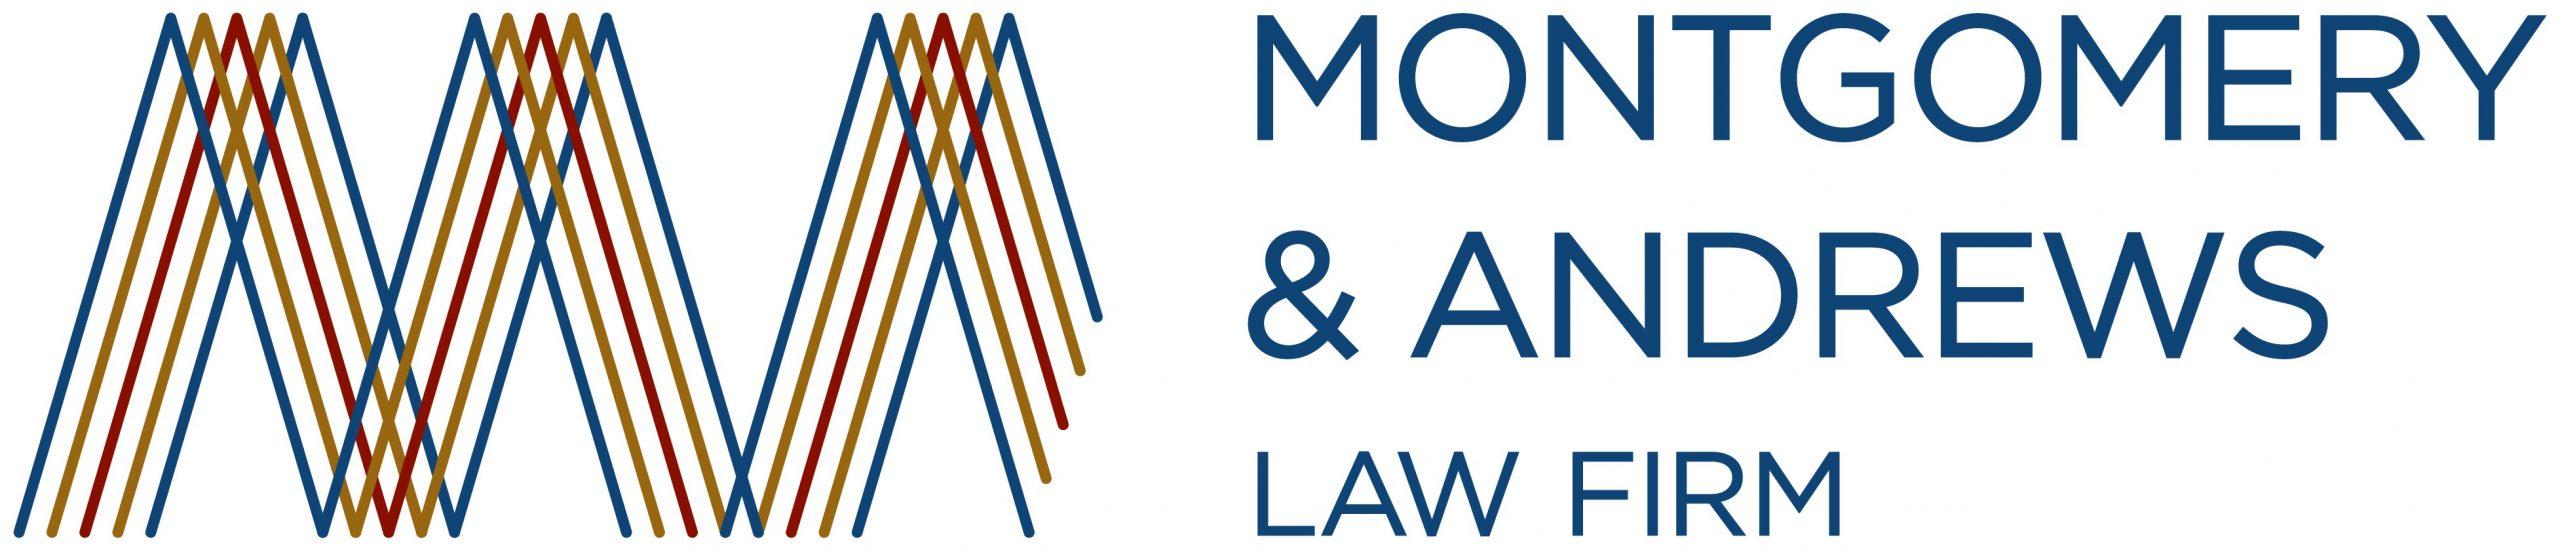 Montgomery & Andrews logo